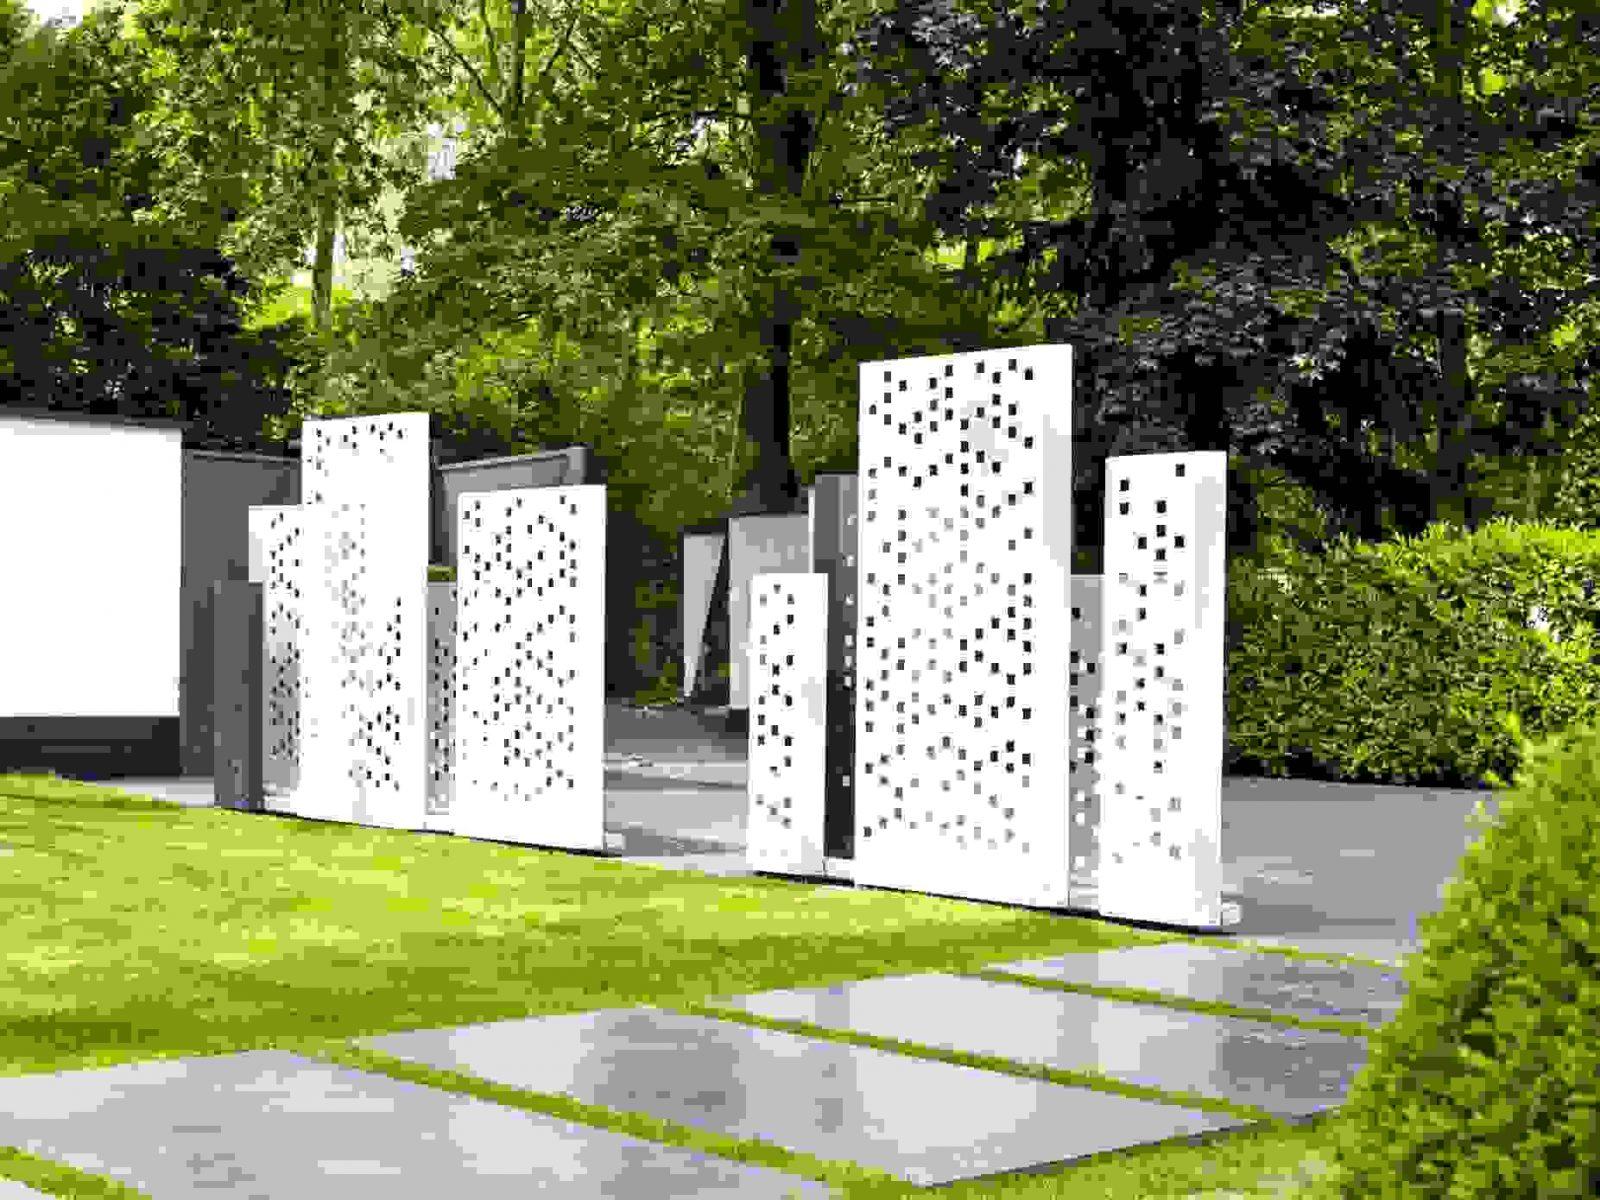 Luxus Schöne Terrassen Und Gartengestaltung Von Sichtschutz Garten von Sichtschutz Garten Ideen Günstig Bild